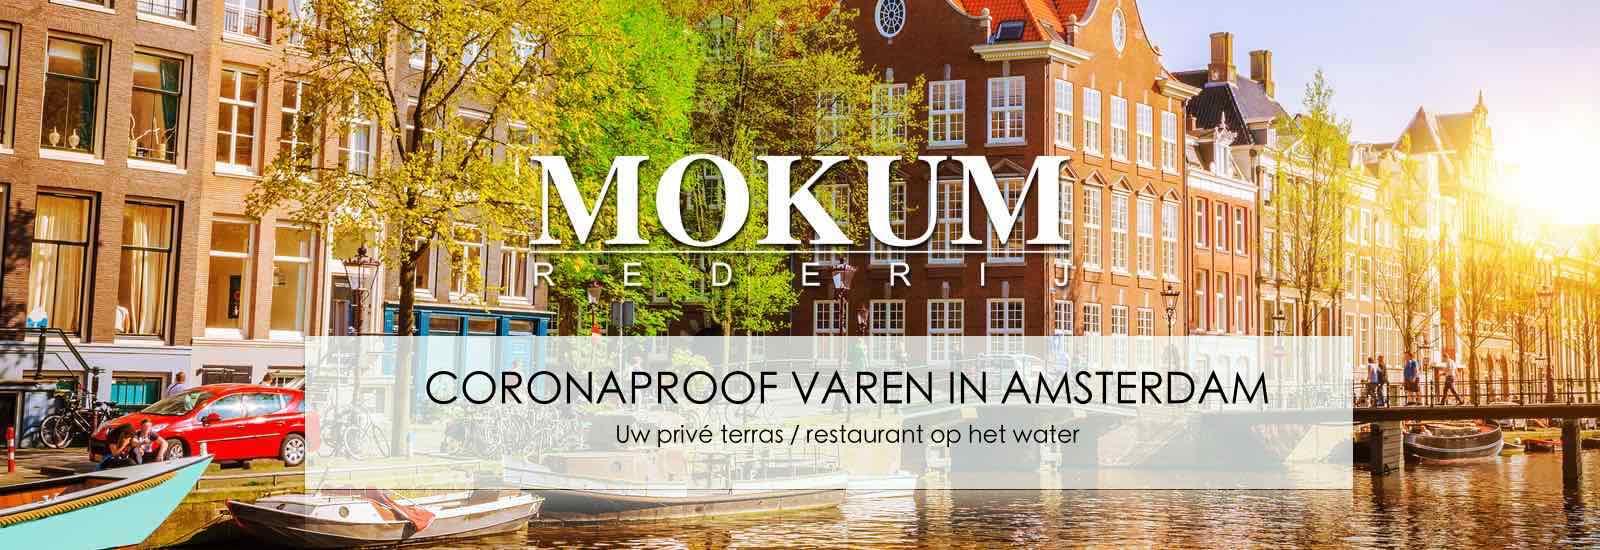 prive terras in Amsterdam Corona